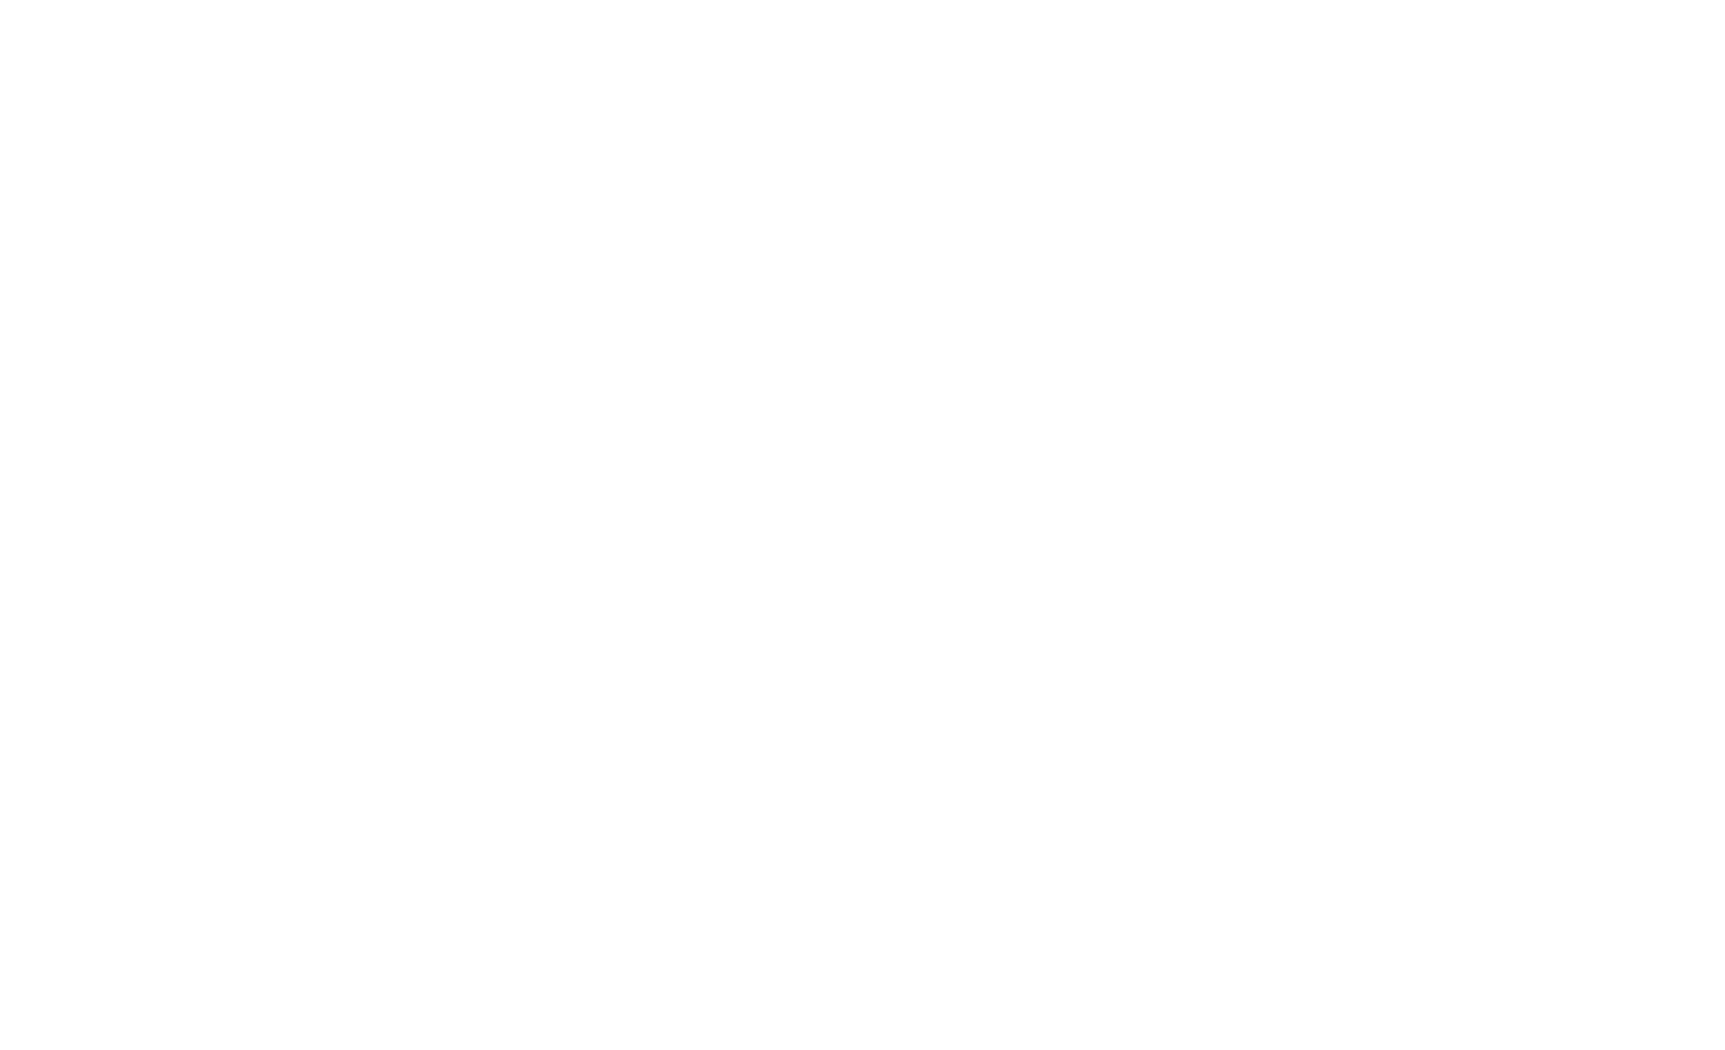 hvr_logo_white